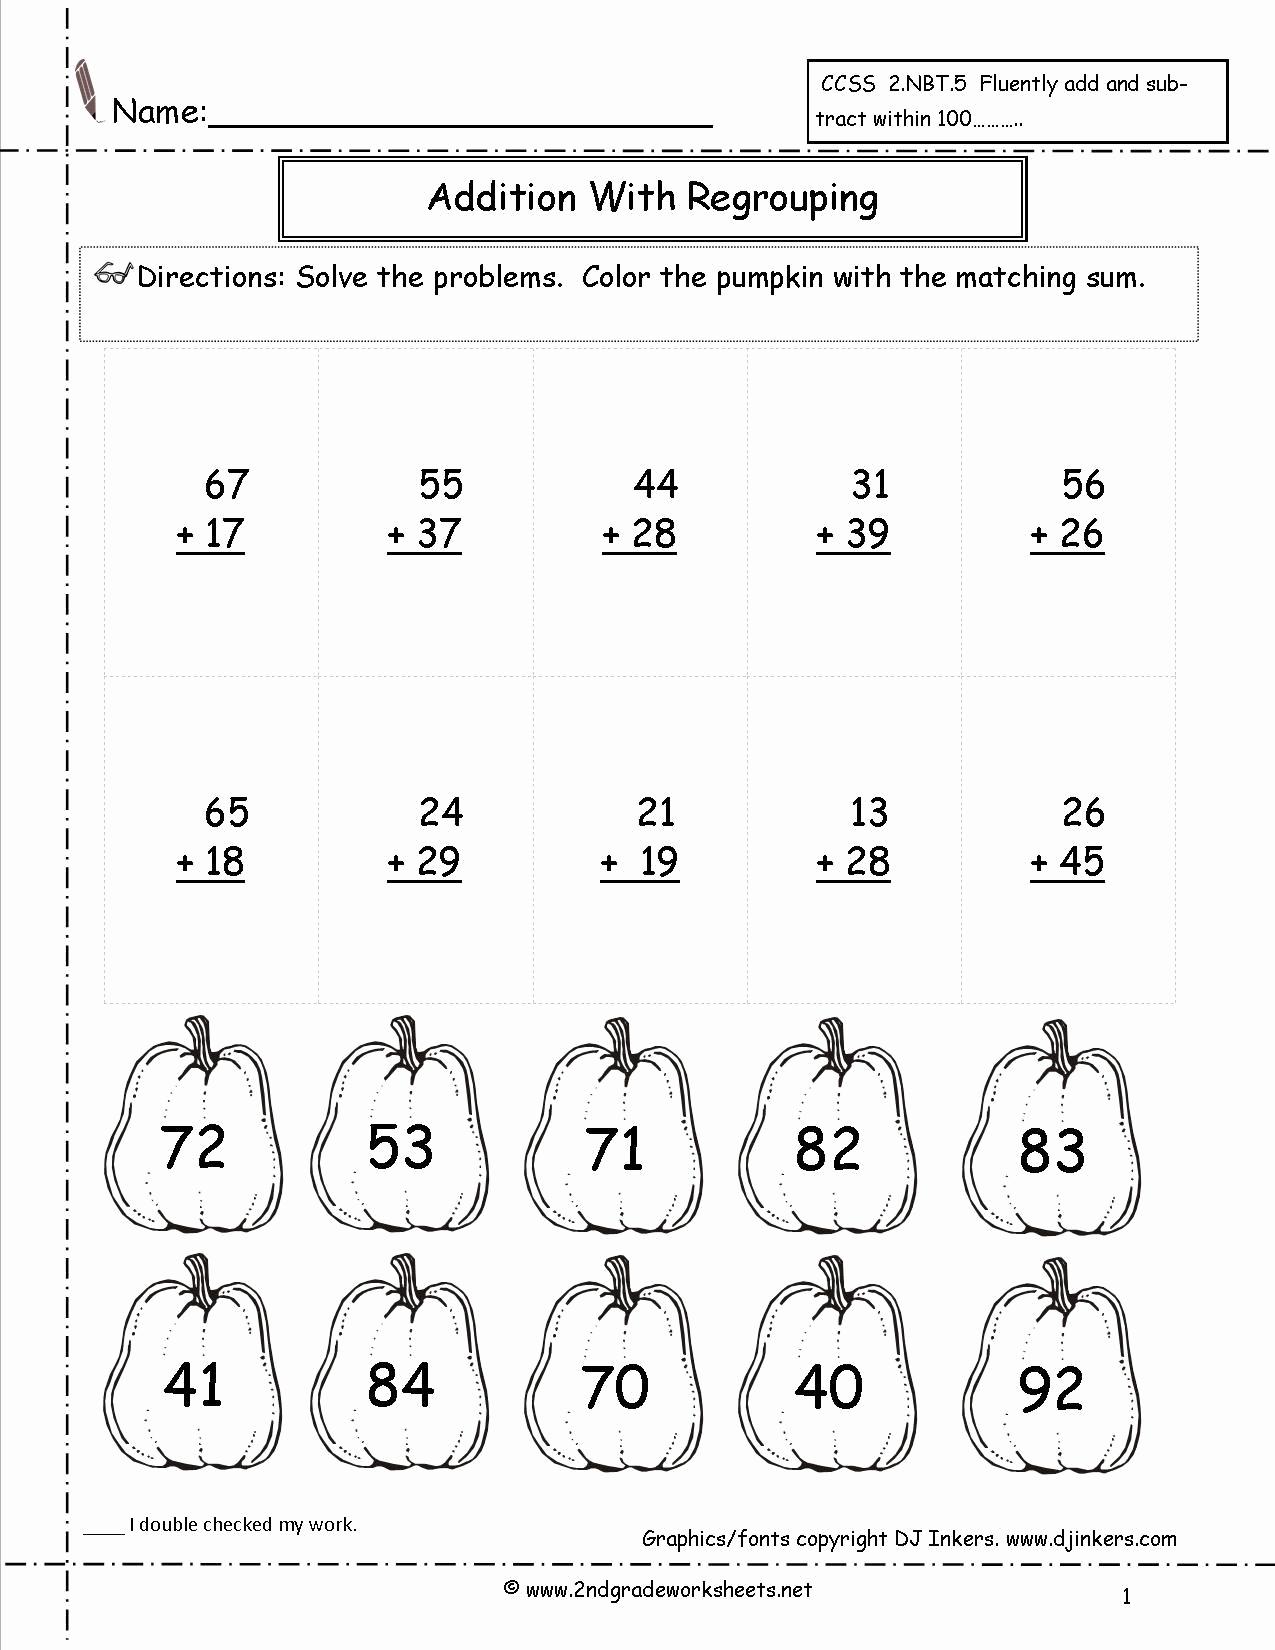 3rd Grade Number Line Worksheets Elegant Number Line Subtraction Worksheets 3rd Grade